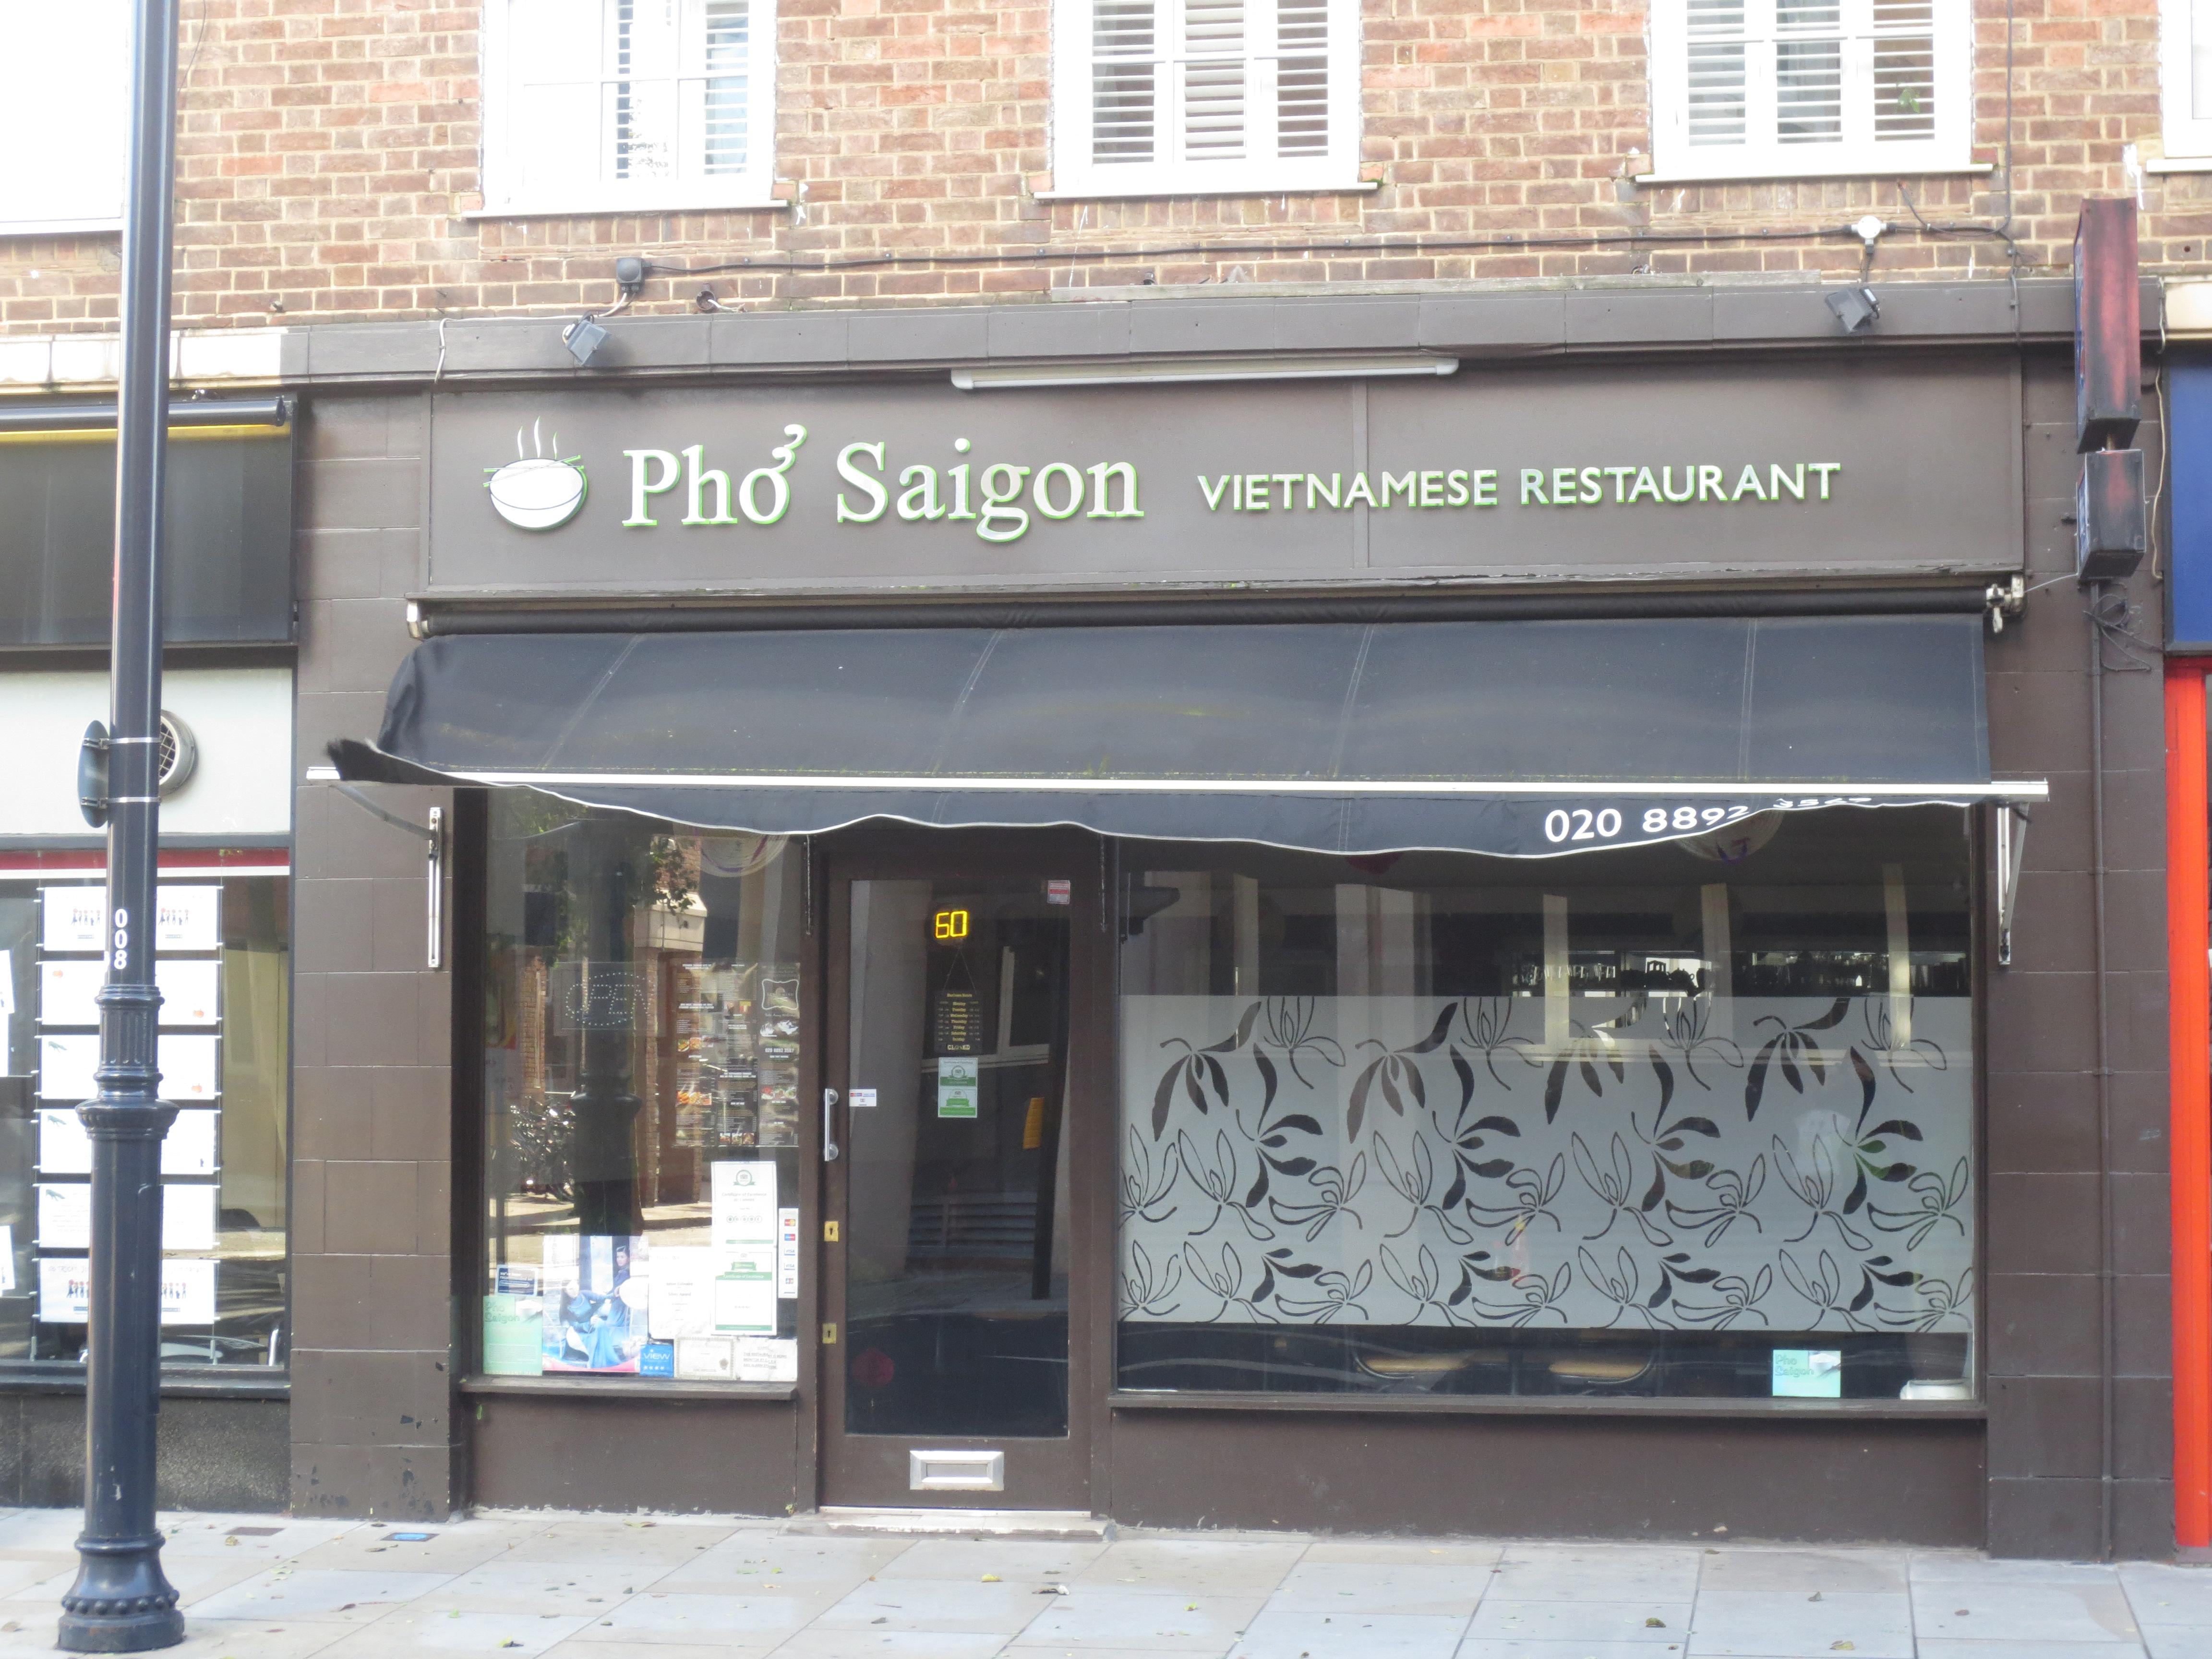 Restaurant Review: Pho Saigon, Twickenham